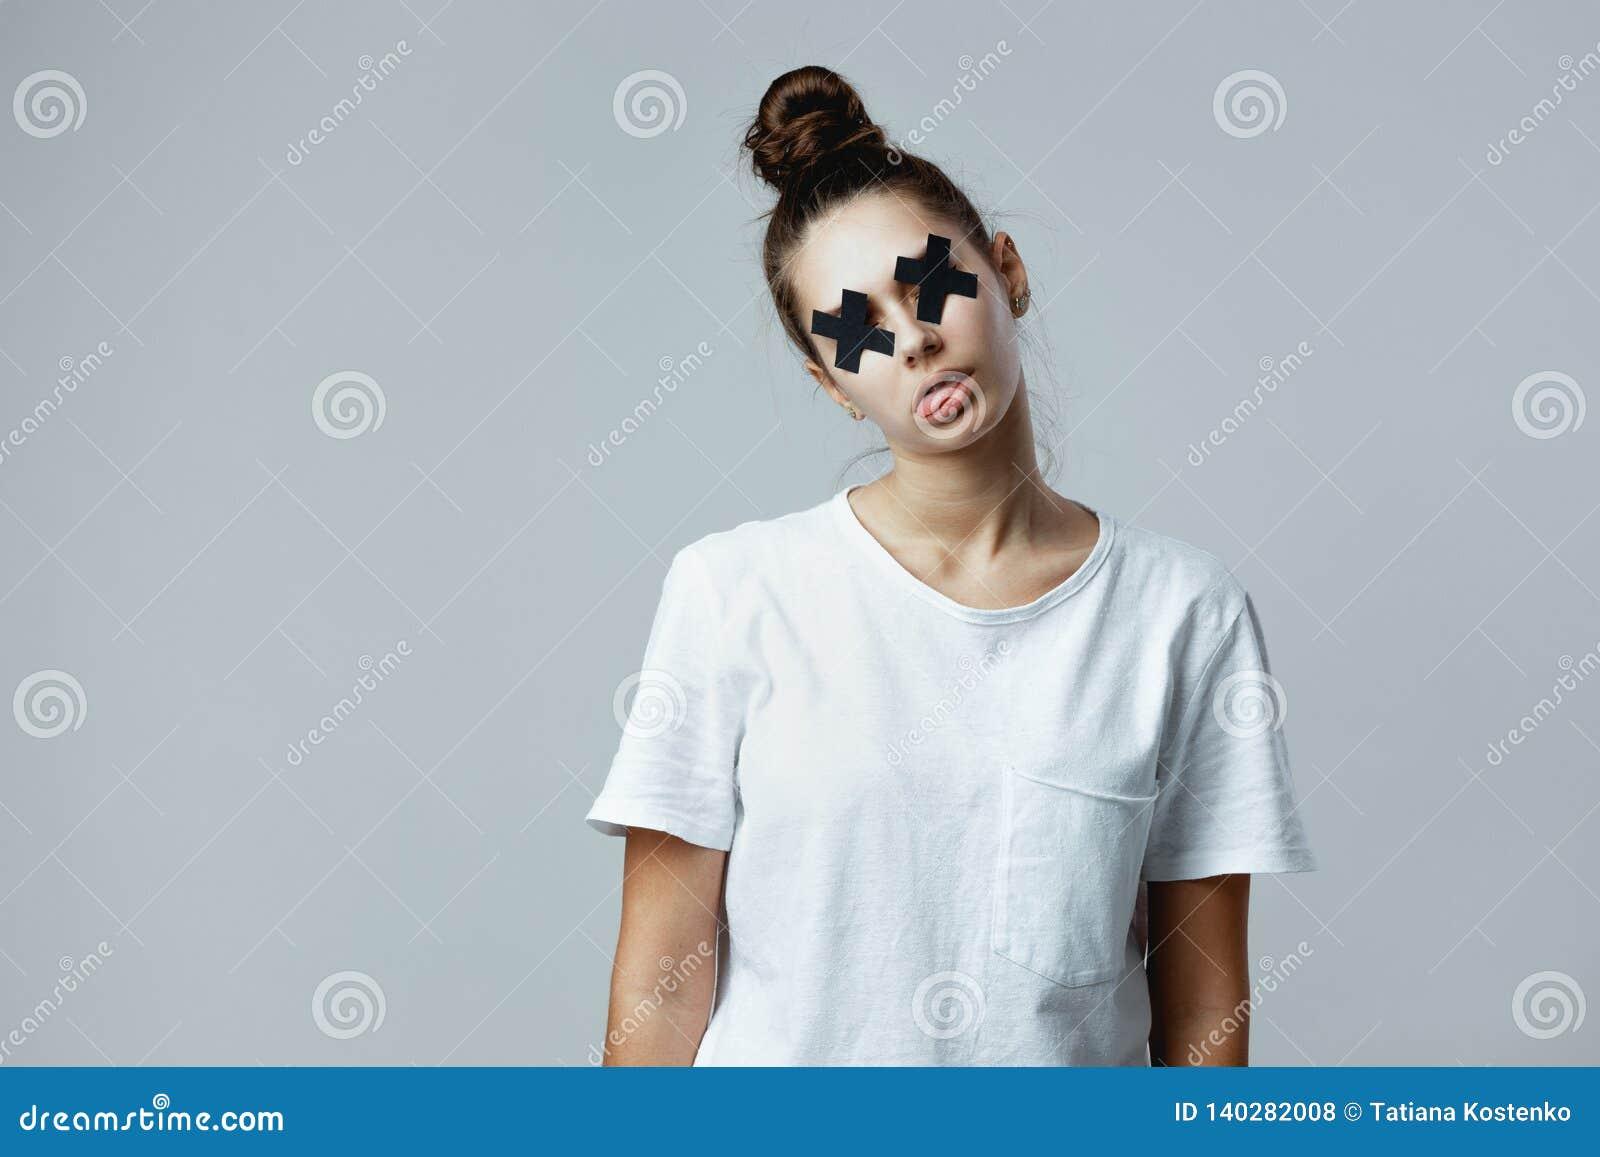 Het meisje gekleed in witte t-shirt met zwarte kruisen van plakband op de ogen stelt als een zombie op het wit